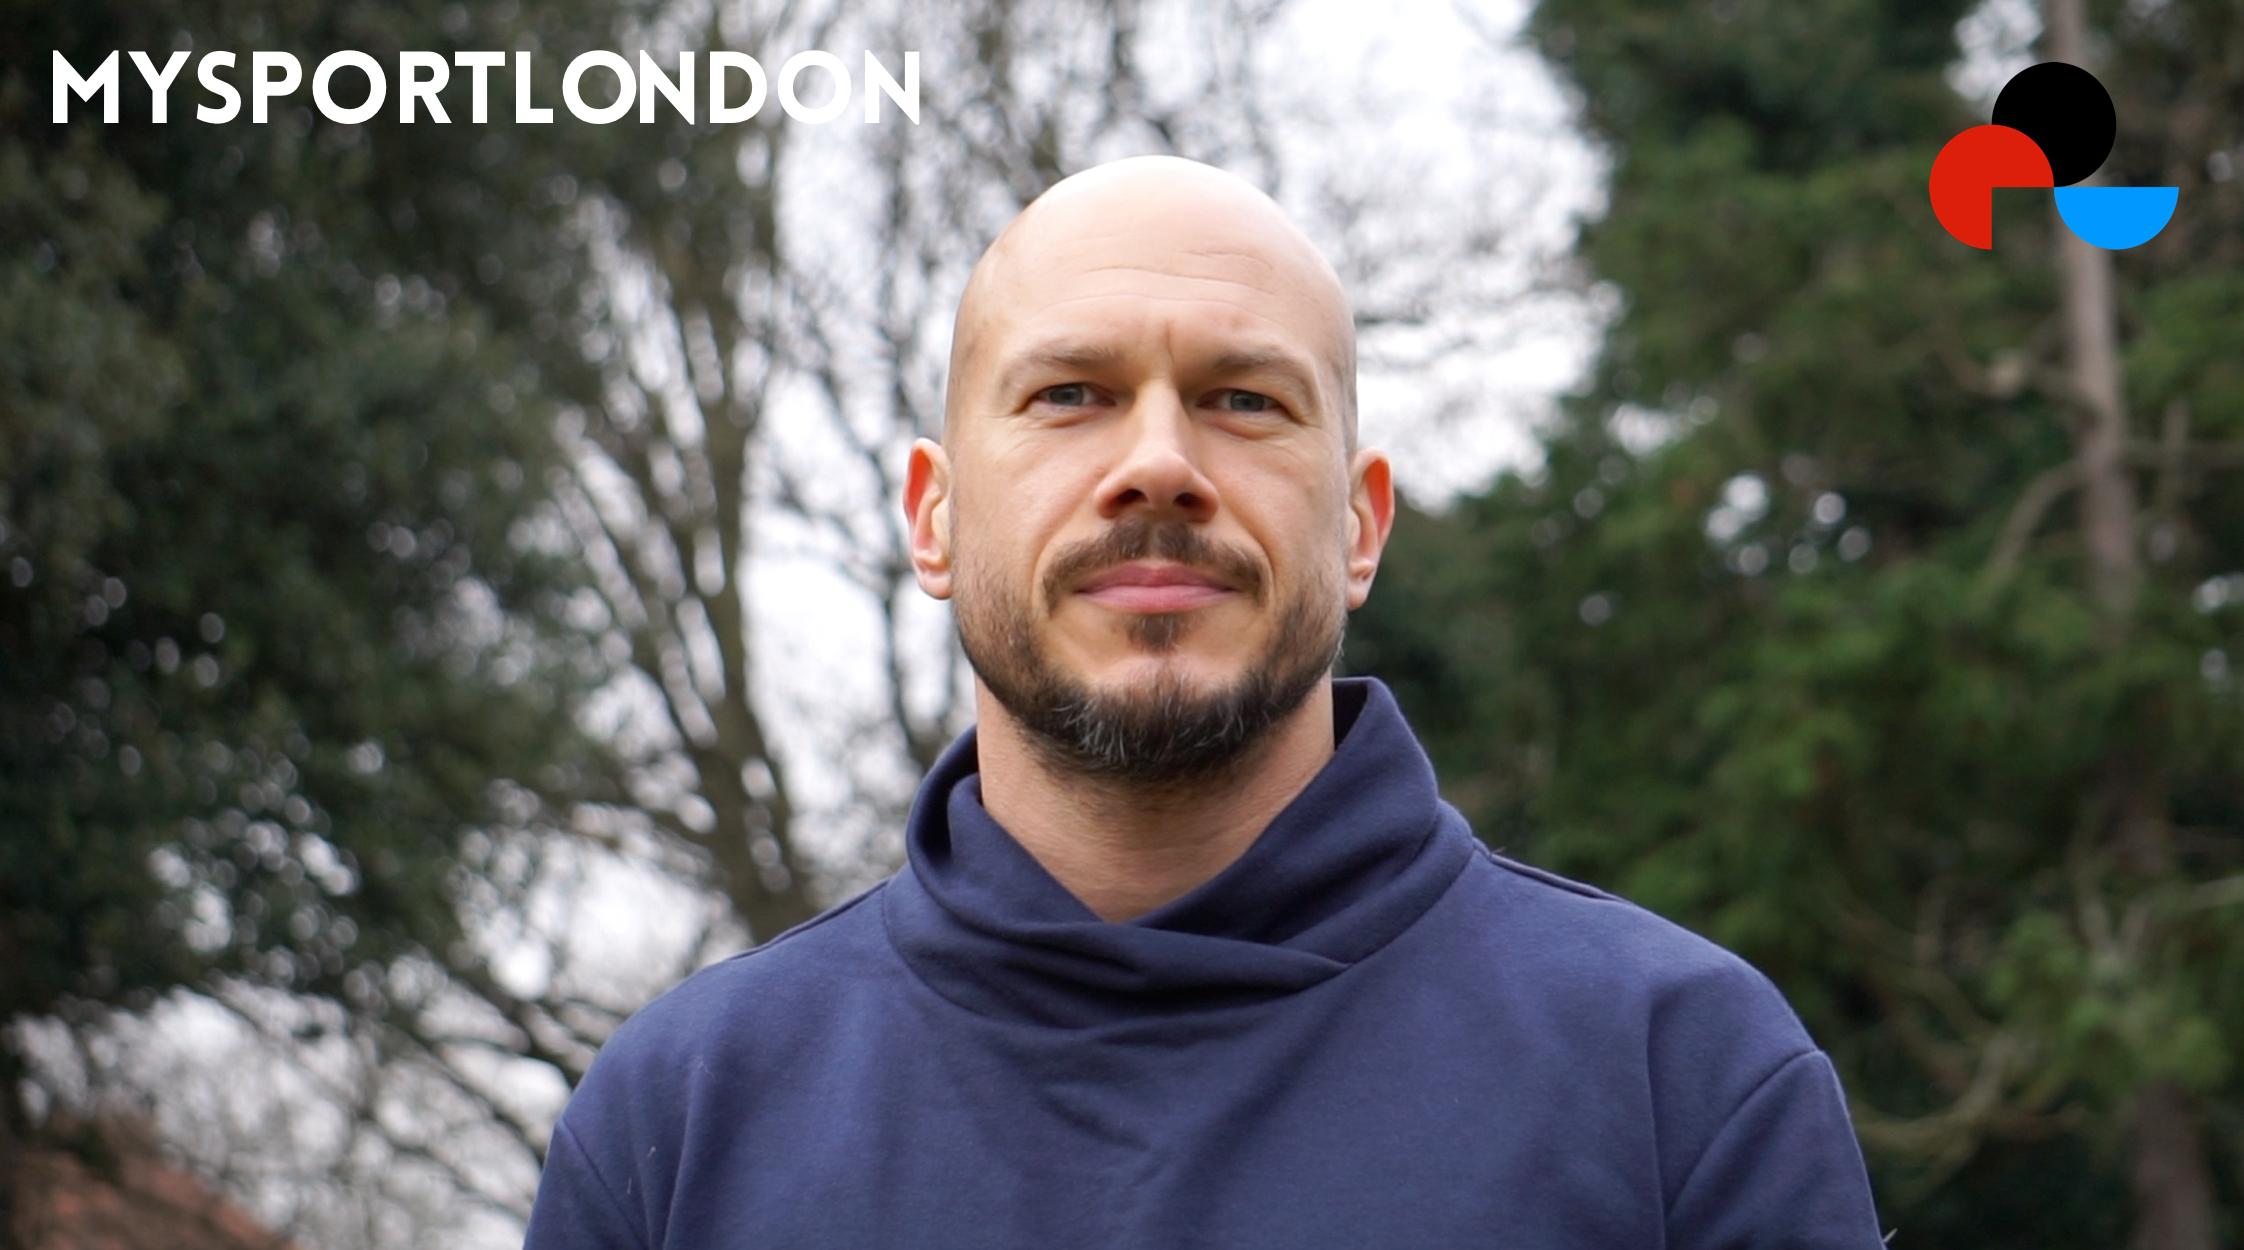 MYSPORTLONDON master trainer Ben Wilcox